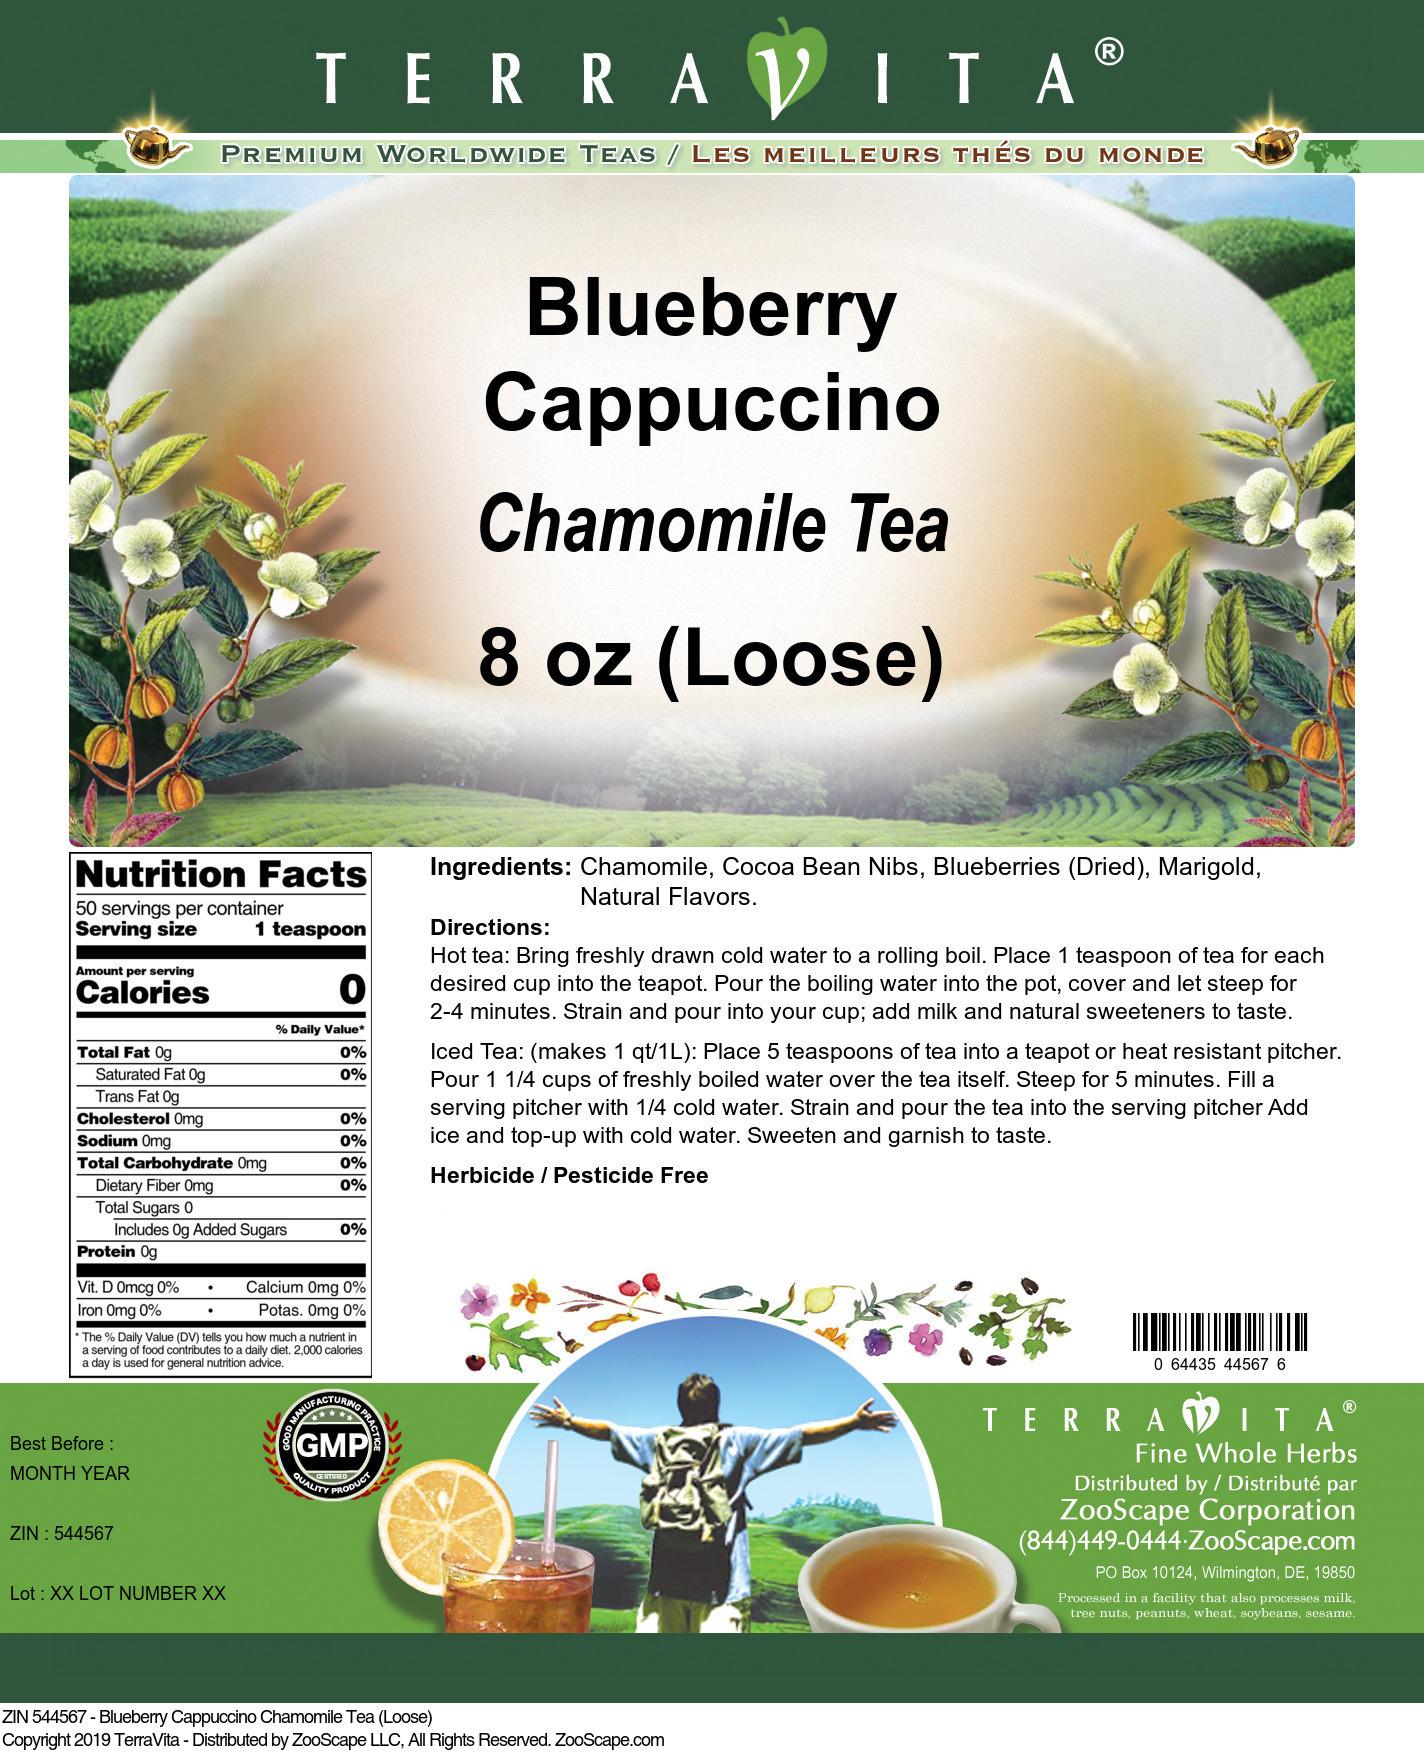 Blueberry Cappuccino Chamomile Tea